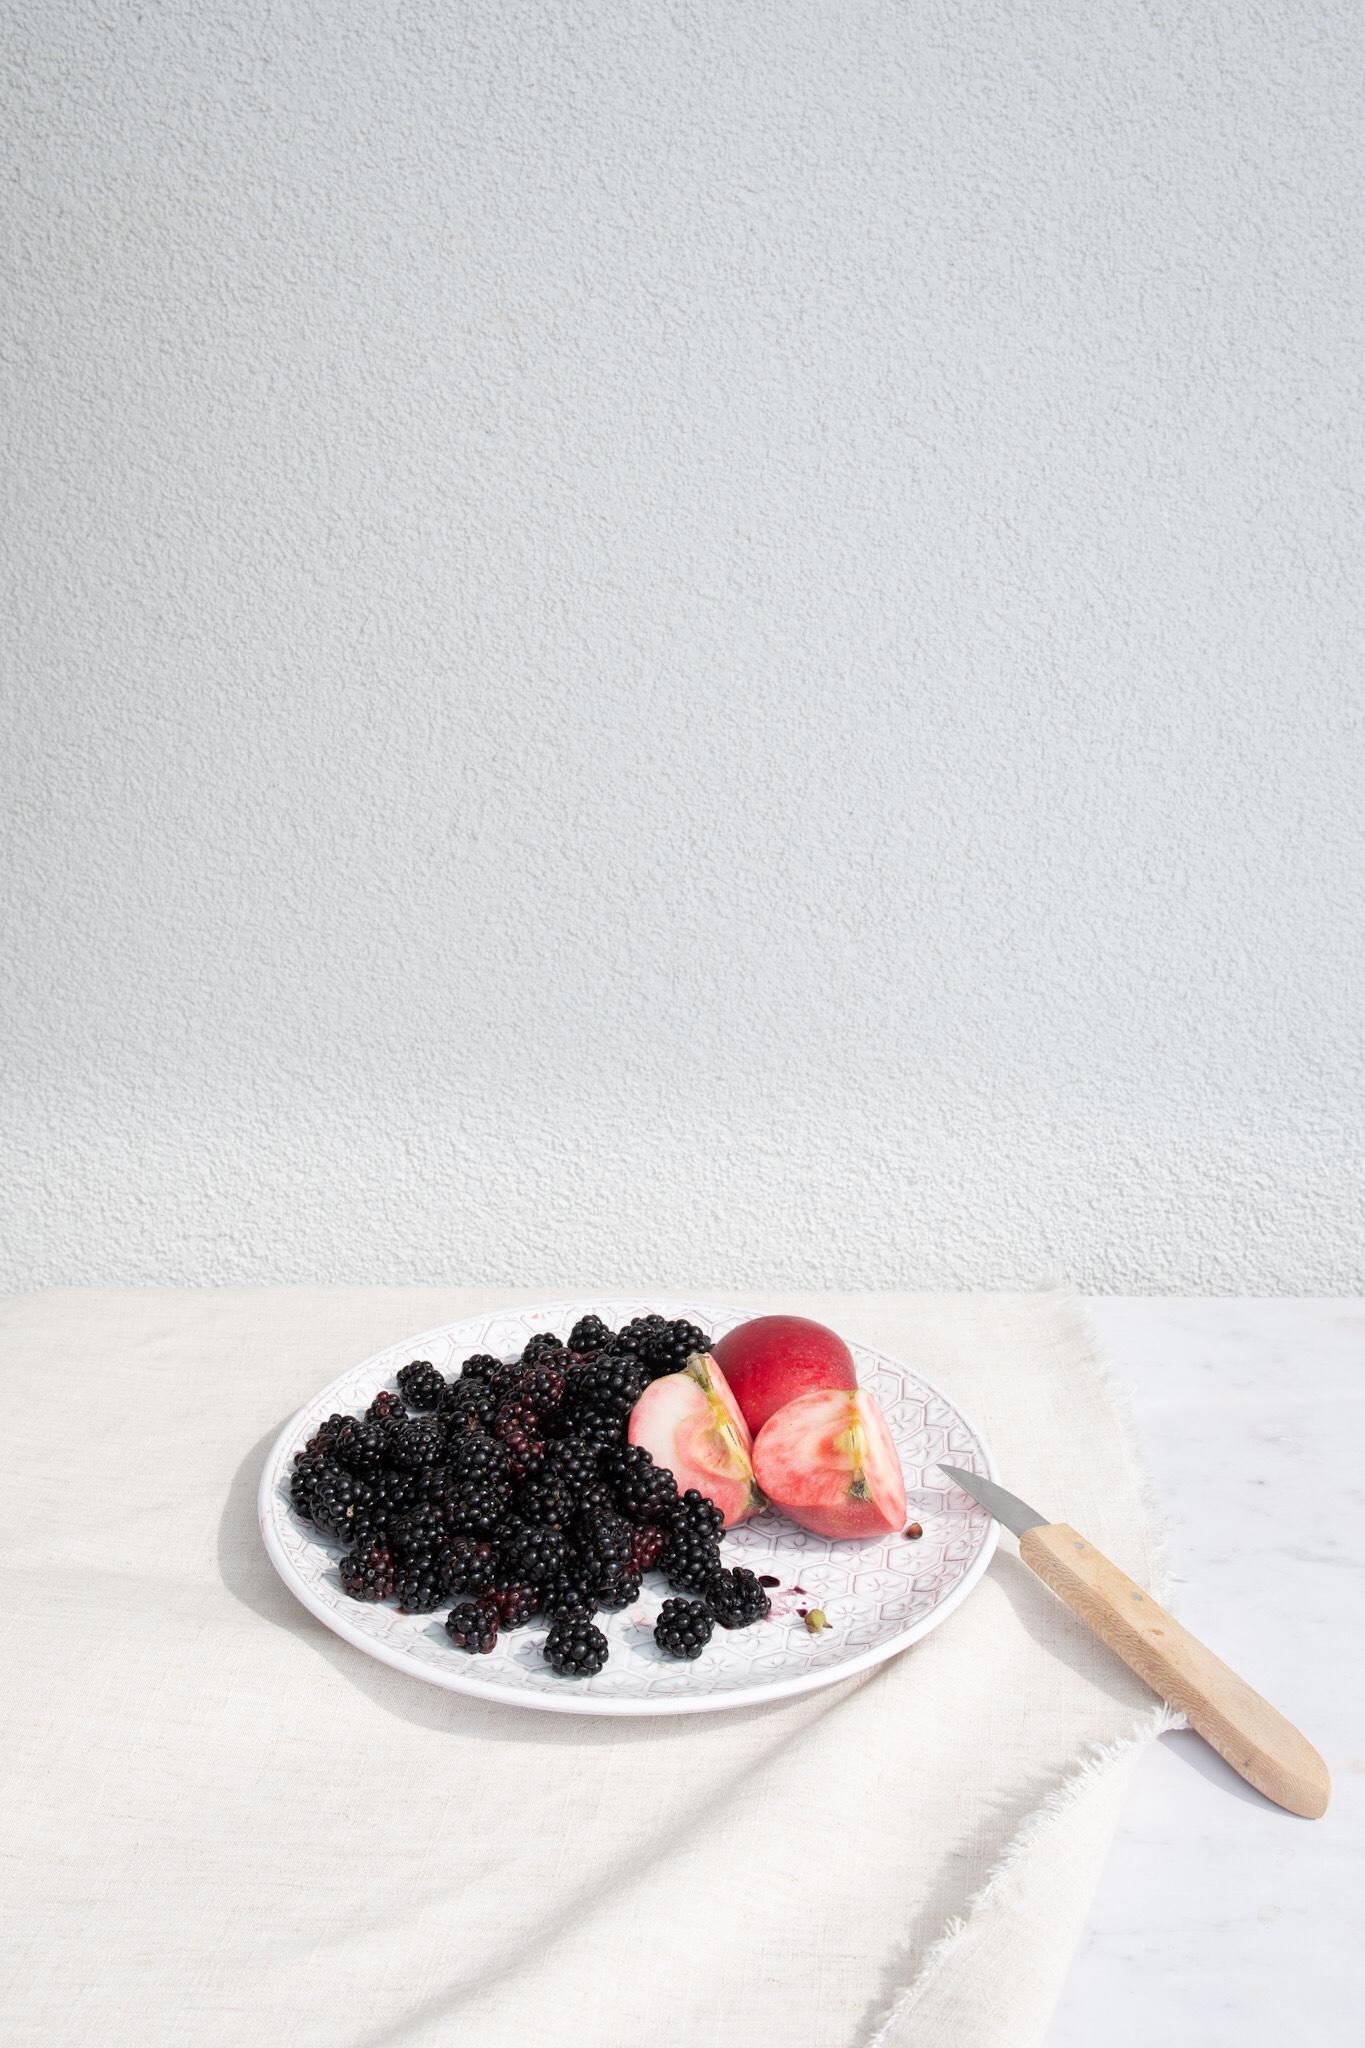 Blackberries & Rosette Apples